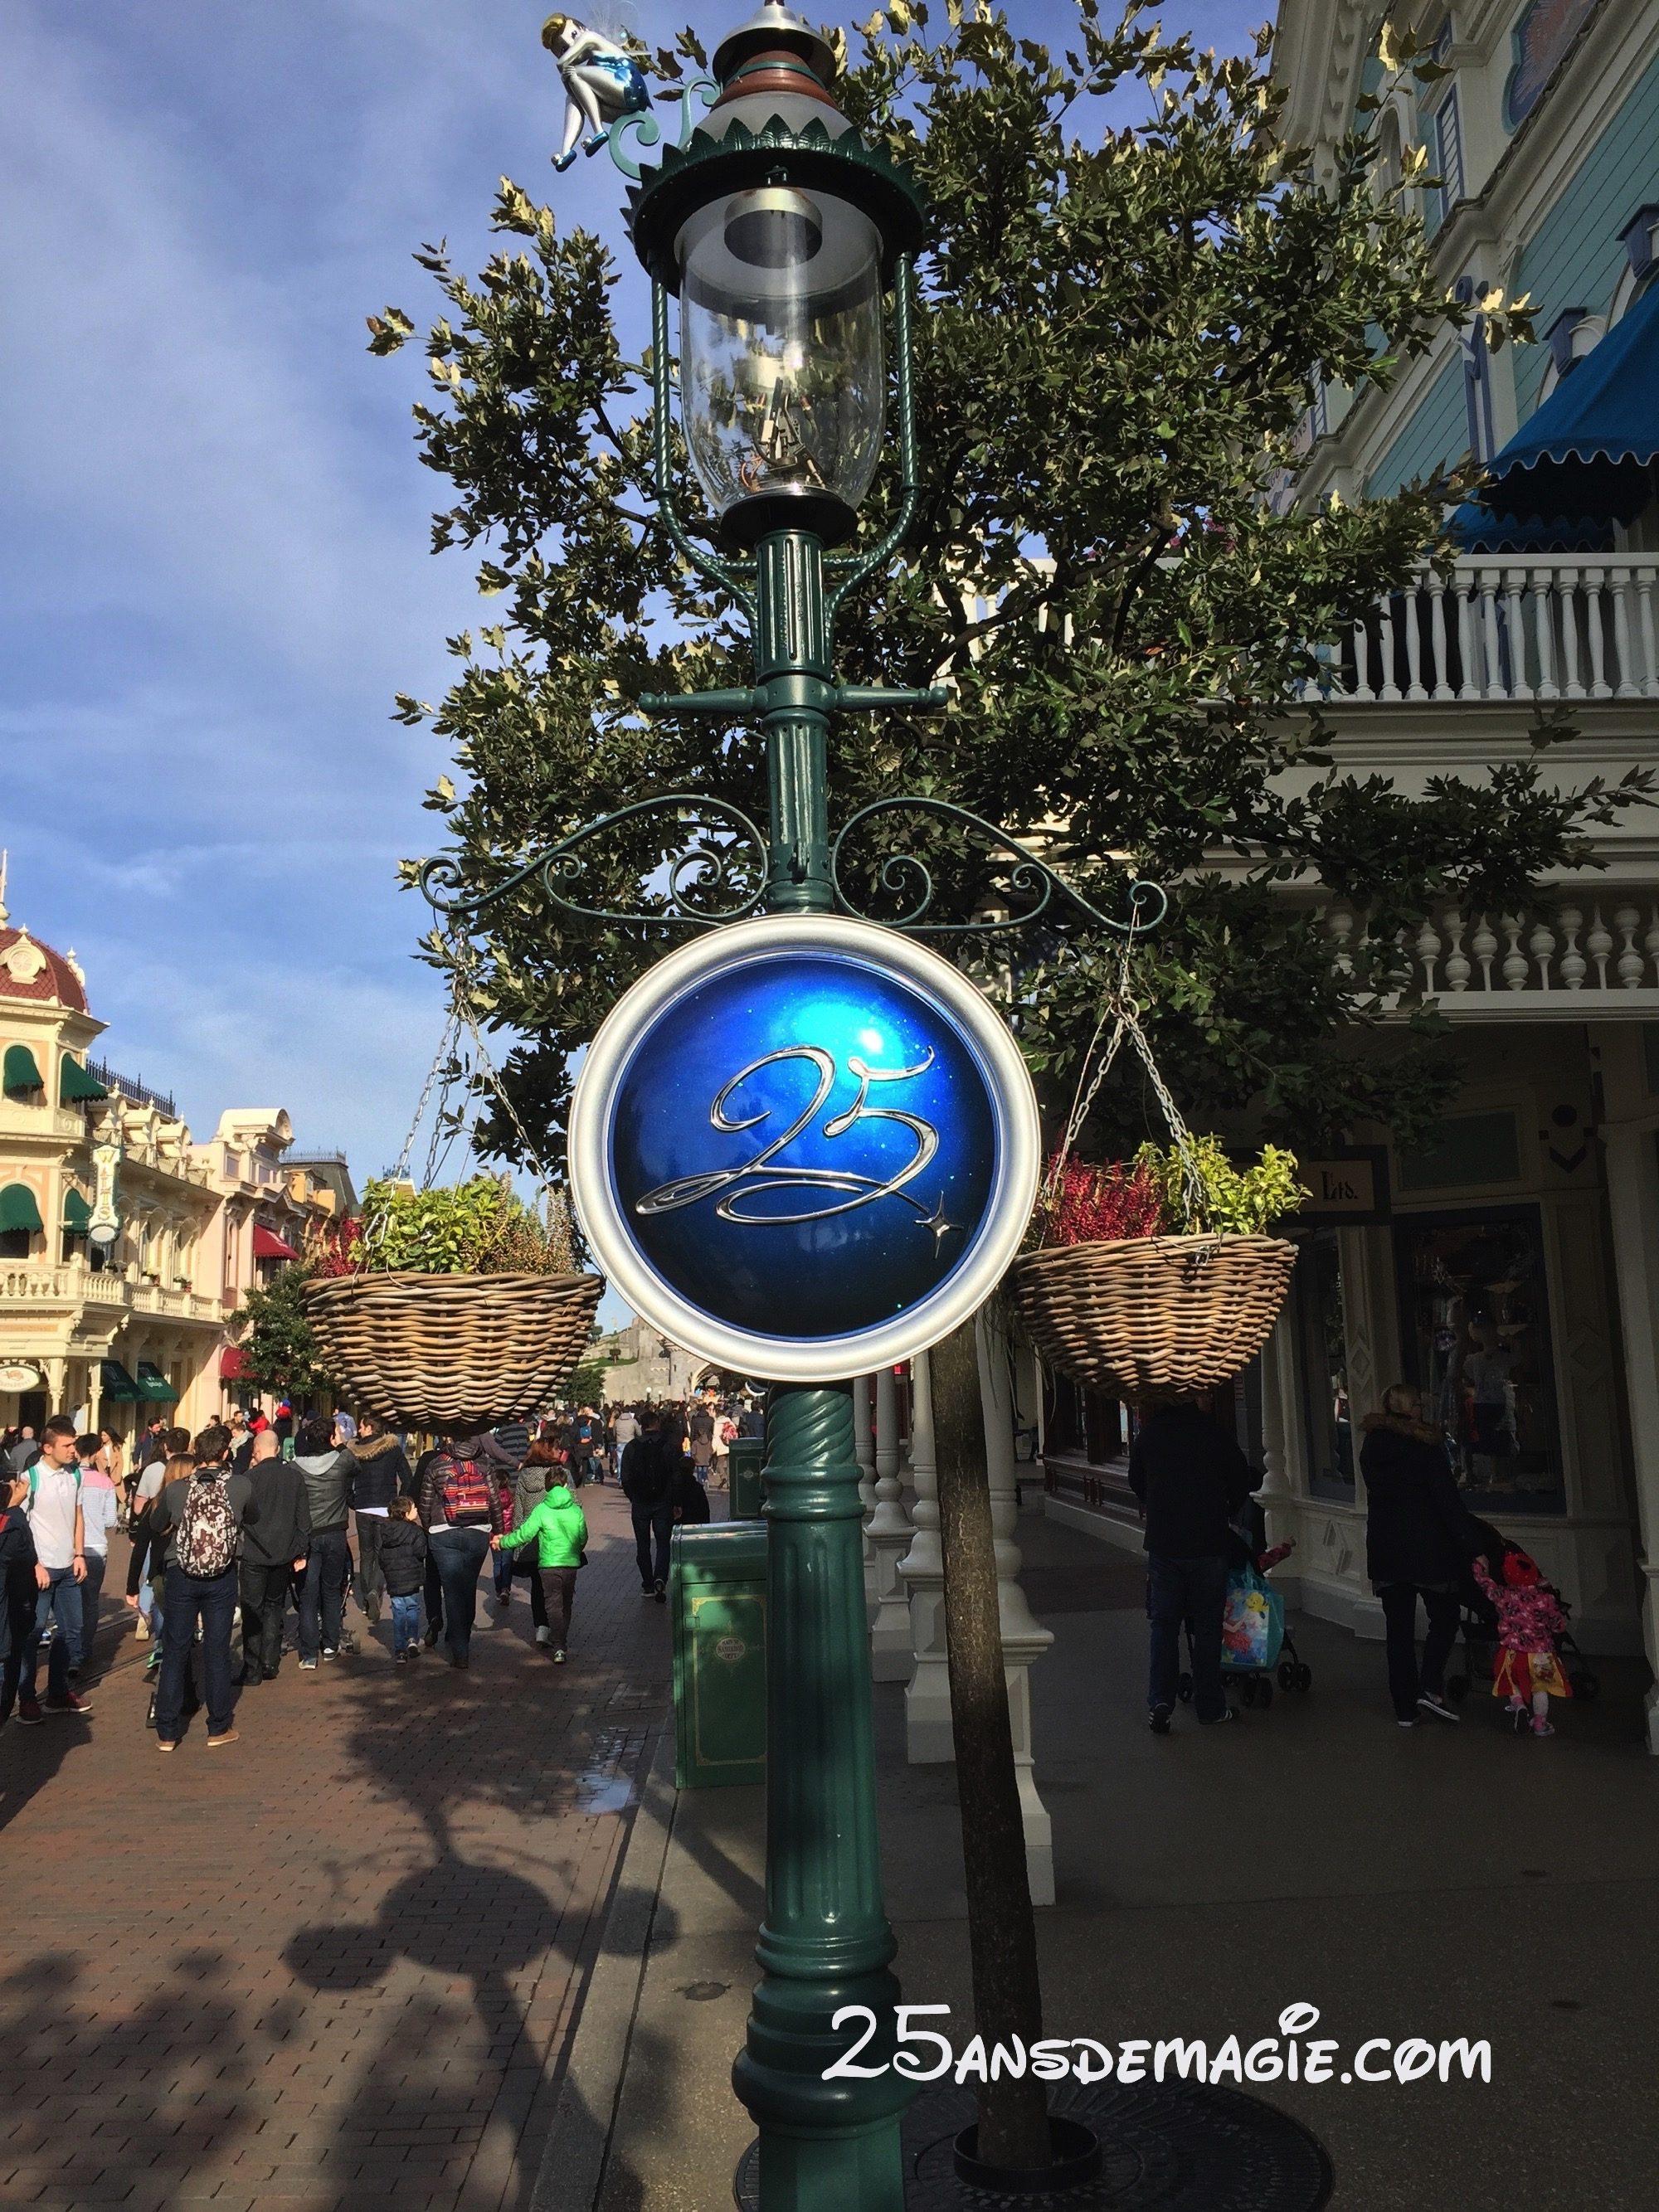 Les 25 ans de Disneyland Paris se dévoilent